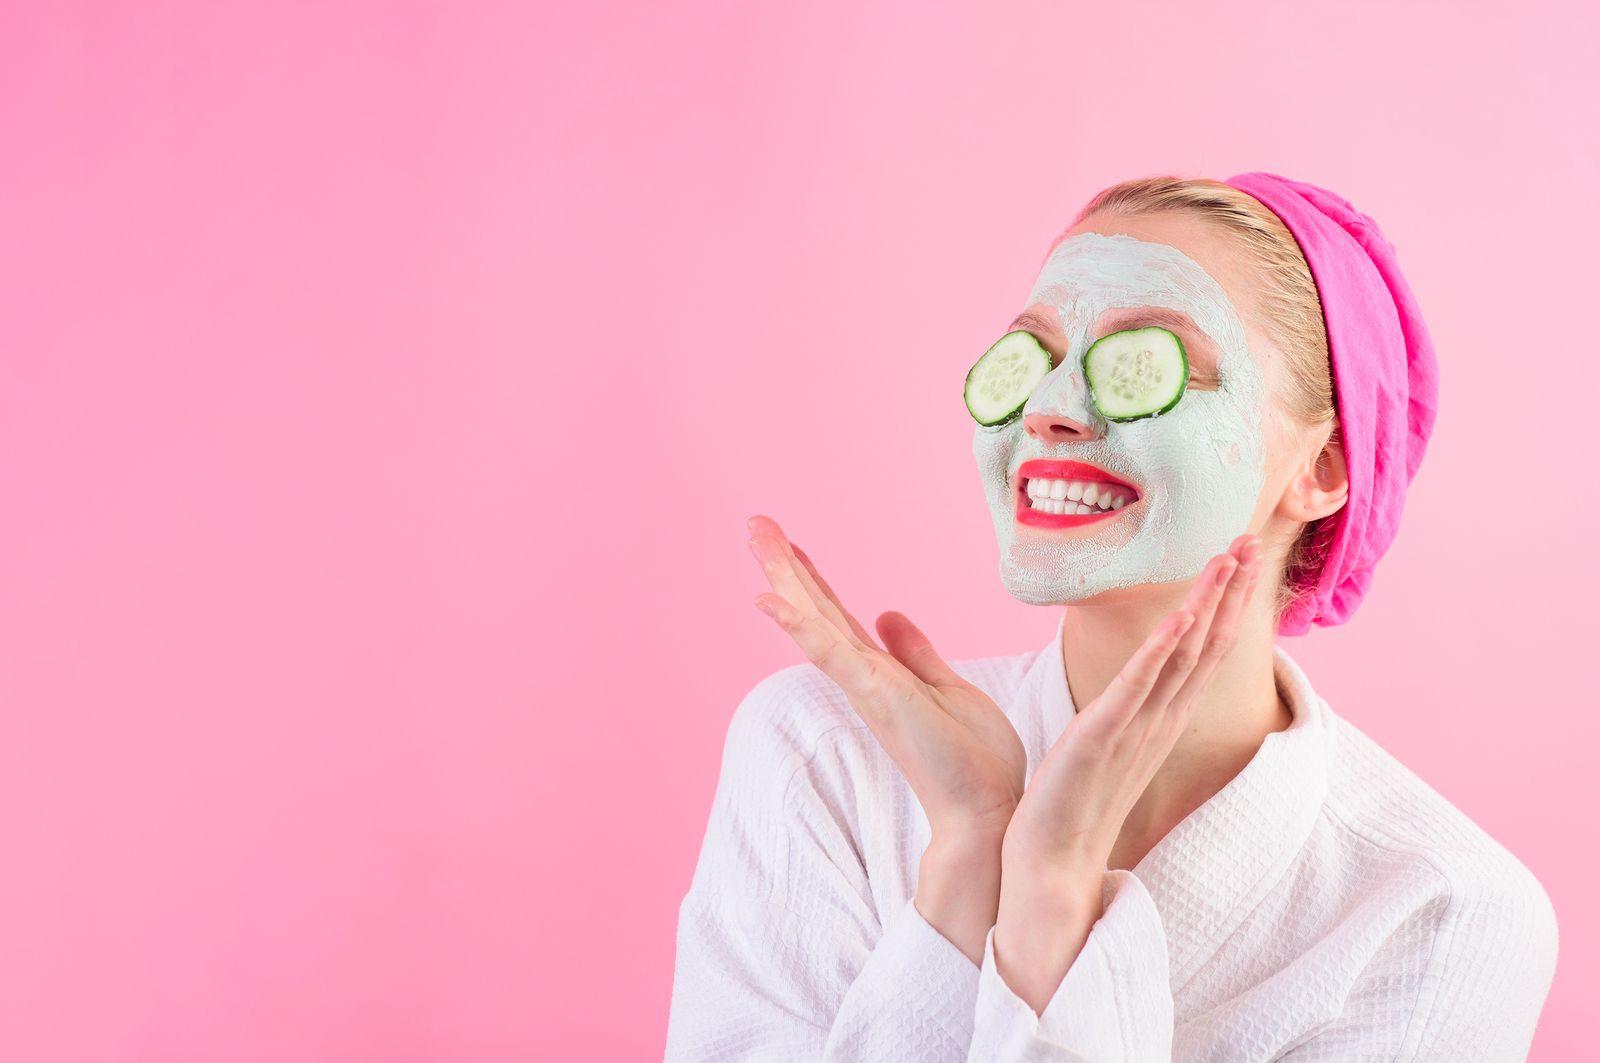 Aprende a hacer mascarillas faciales y corporales caseras